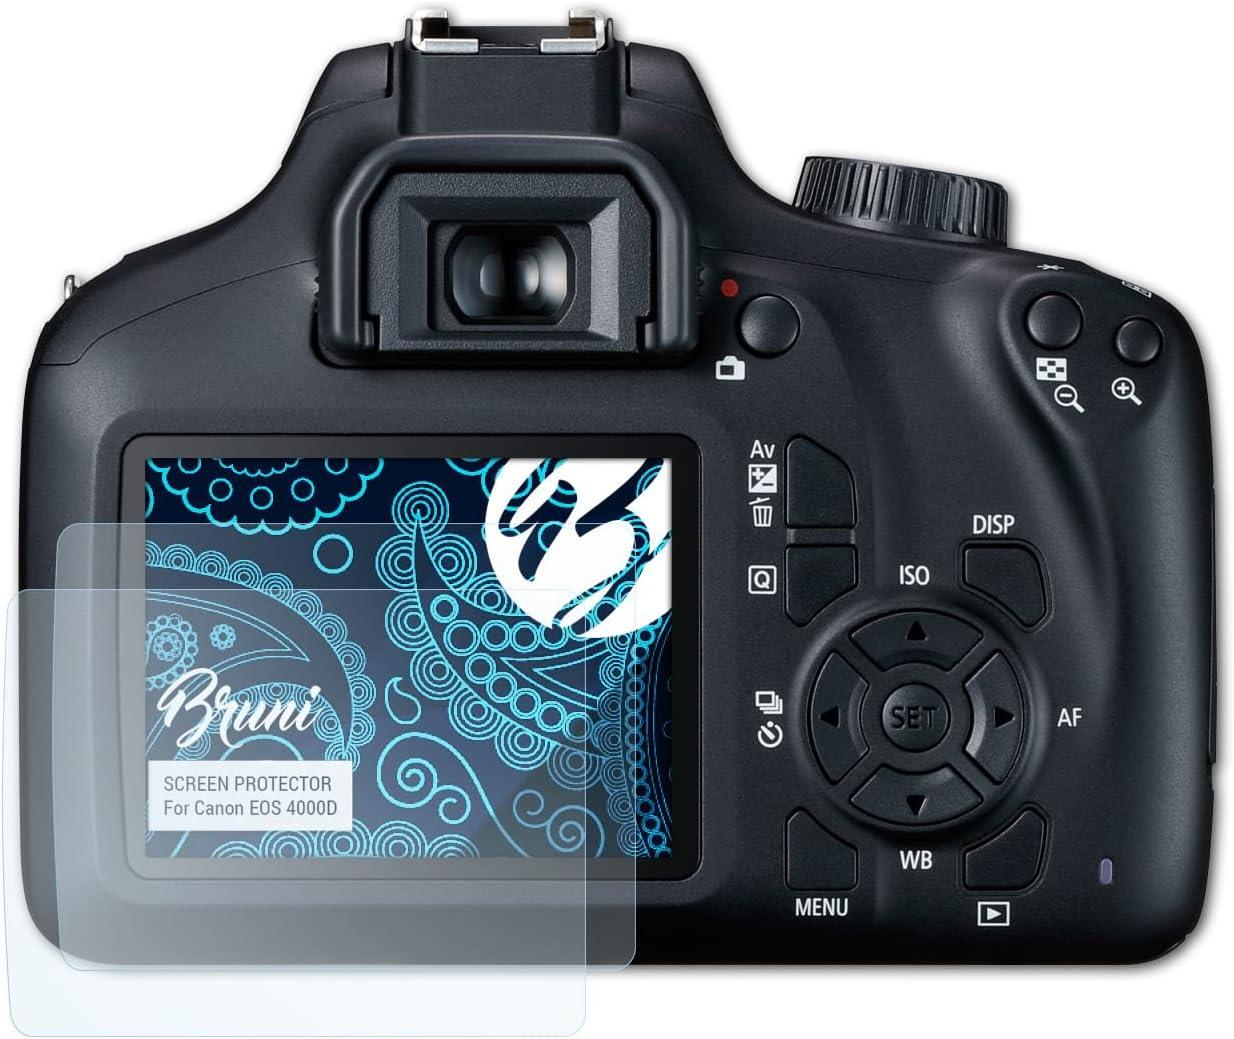 Bruni Película Protectora para Canon EOS 4000D Protector Película ...